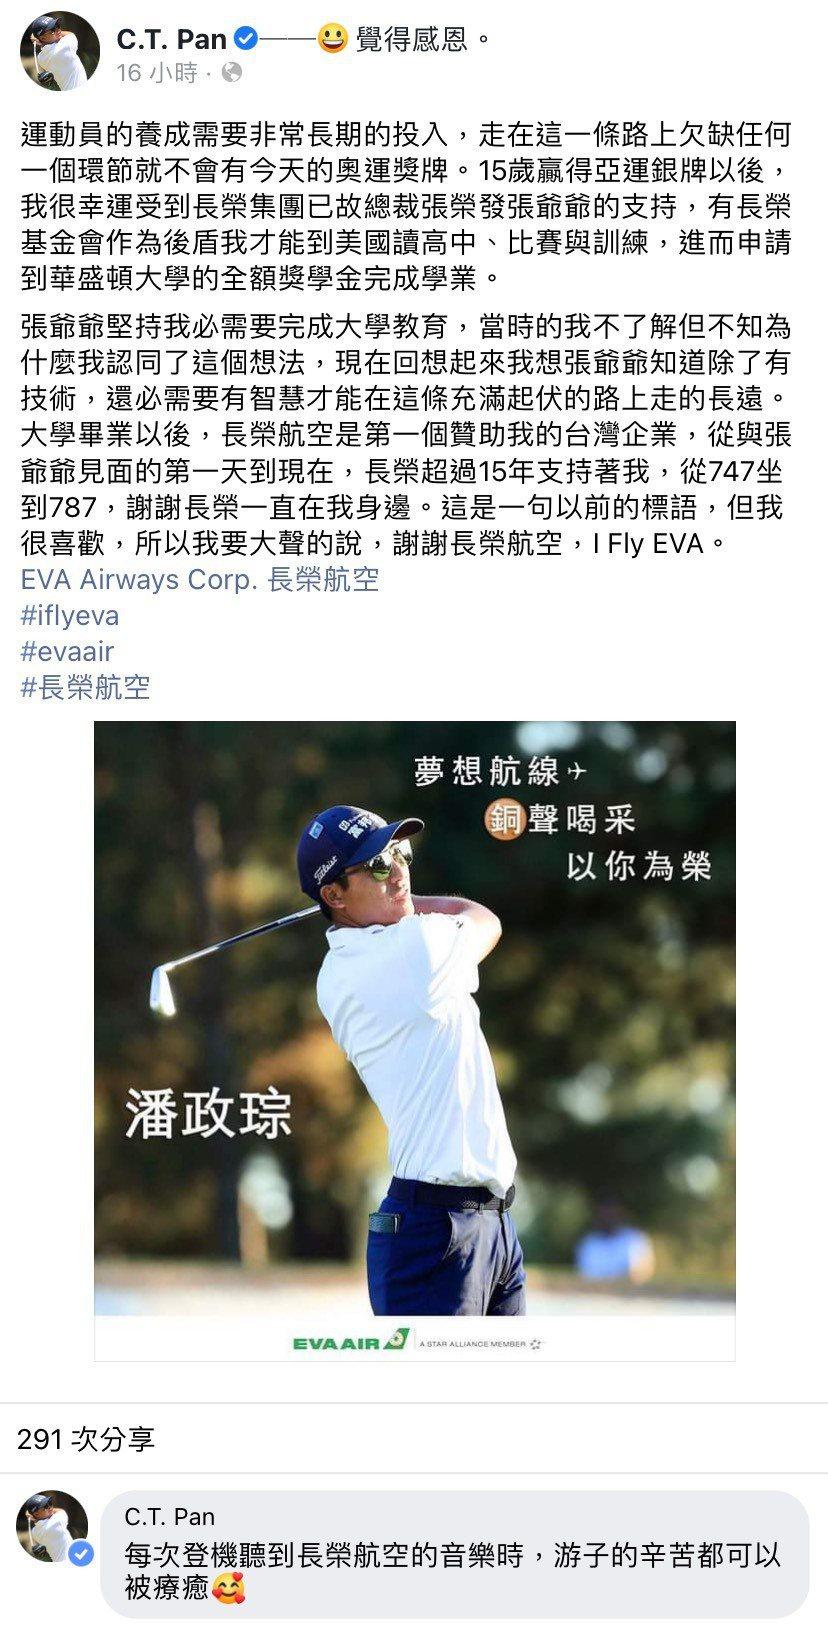 潘政琮在奧運一路拼到銅牌,他在臉書上寫下對張爺爺(張榮發)及長榮集團的感恩。臉書...